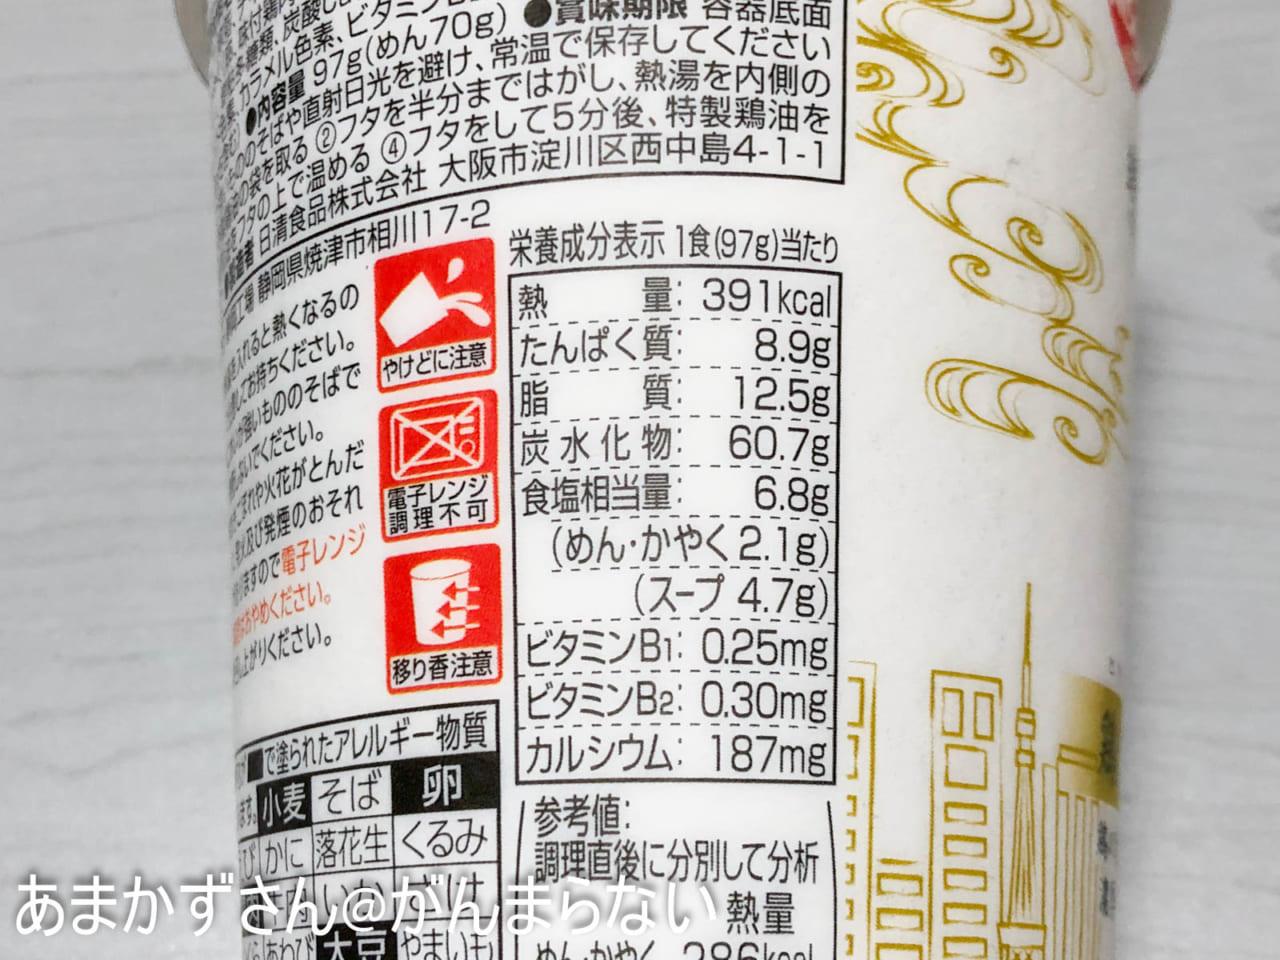 東京NOODLES 篝 鶏白湯Sobaの成分表示